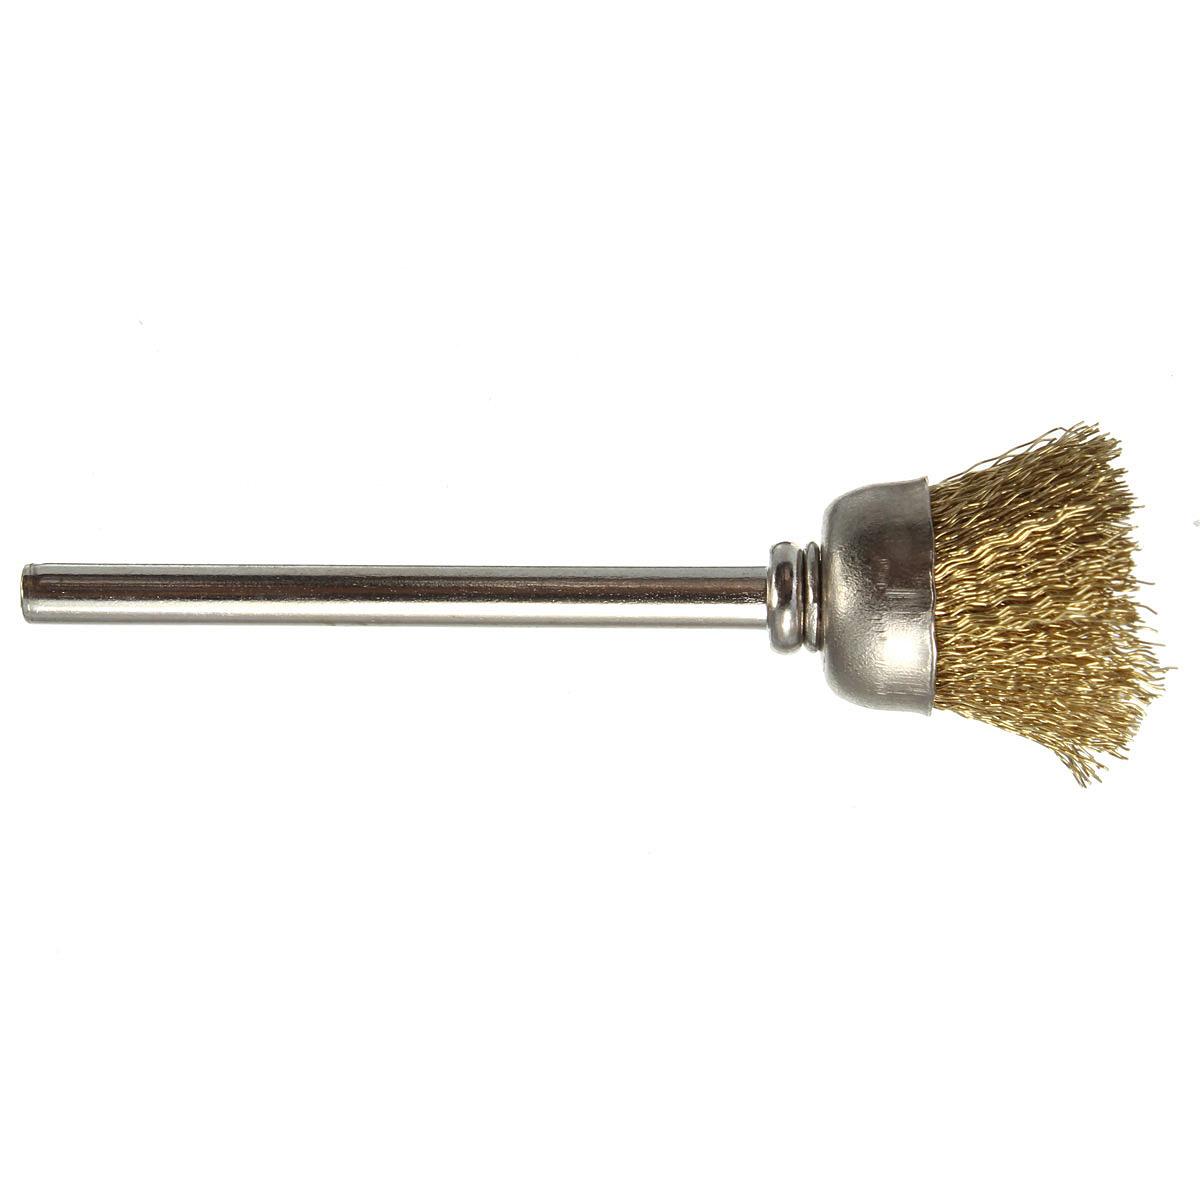 16mm Brass Wire Wheel Brush Compatible For Die Grinder Dremael ...